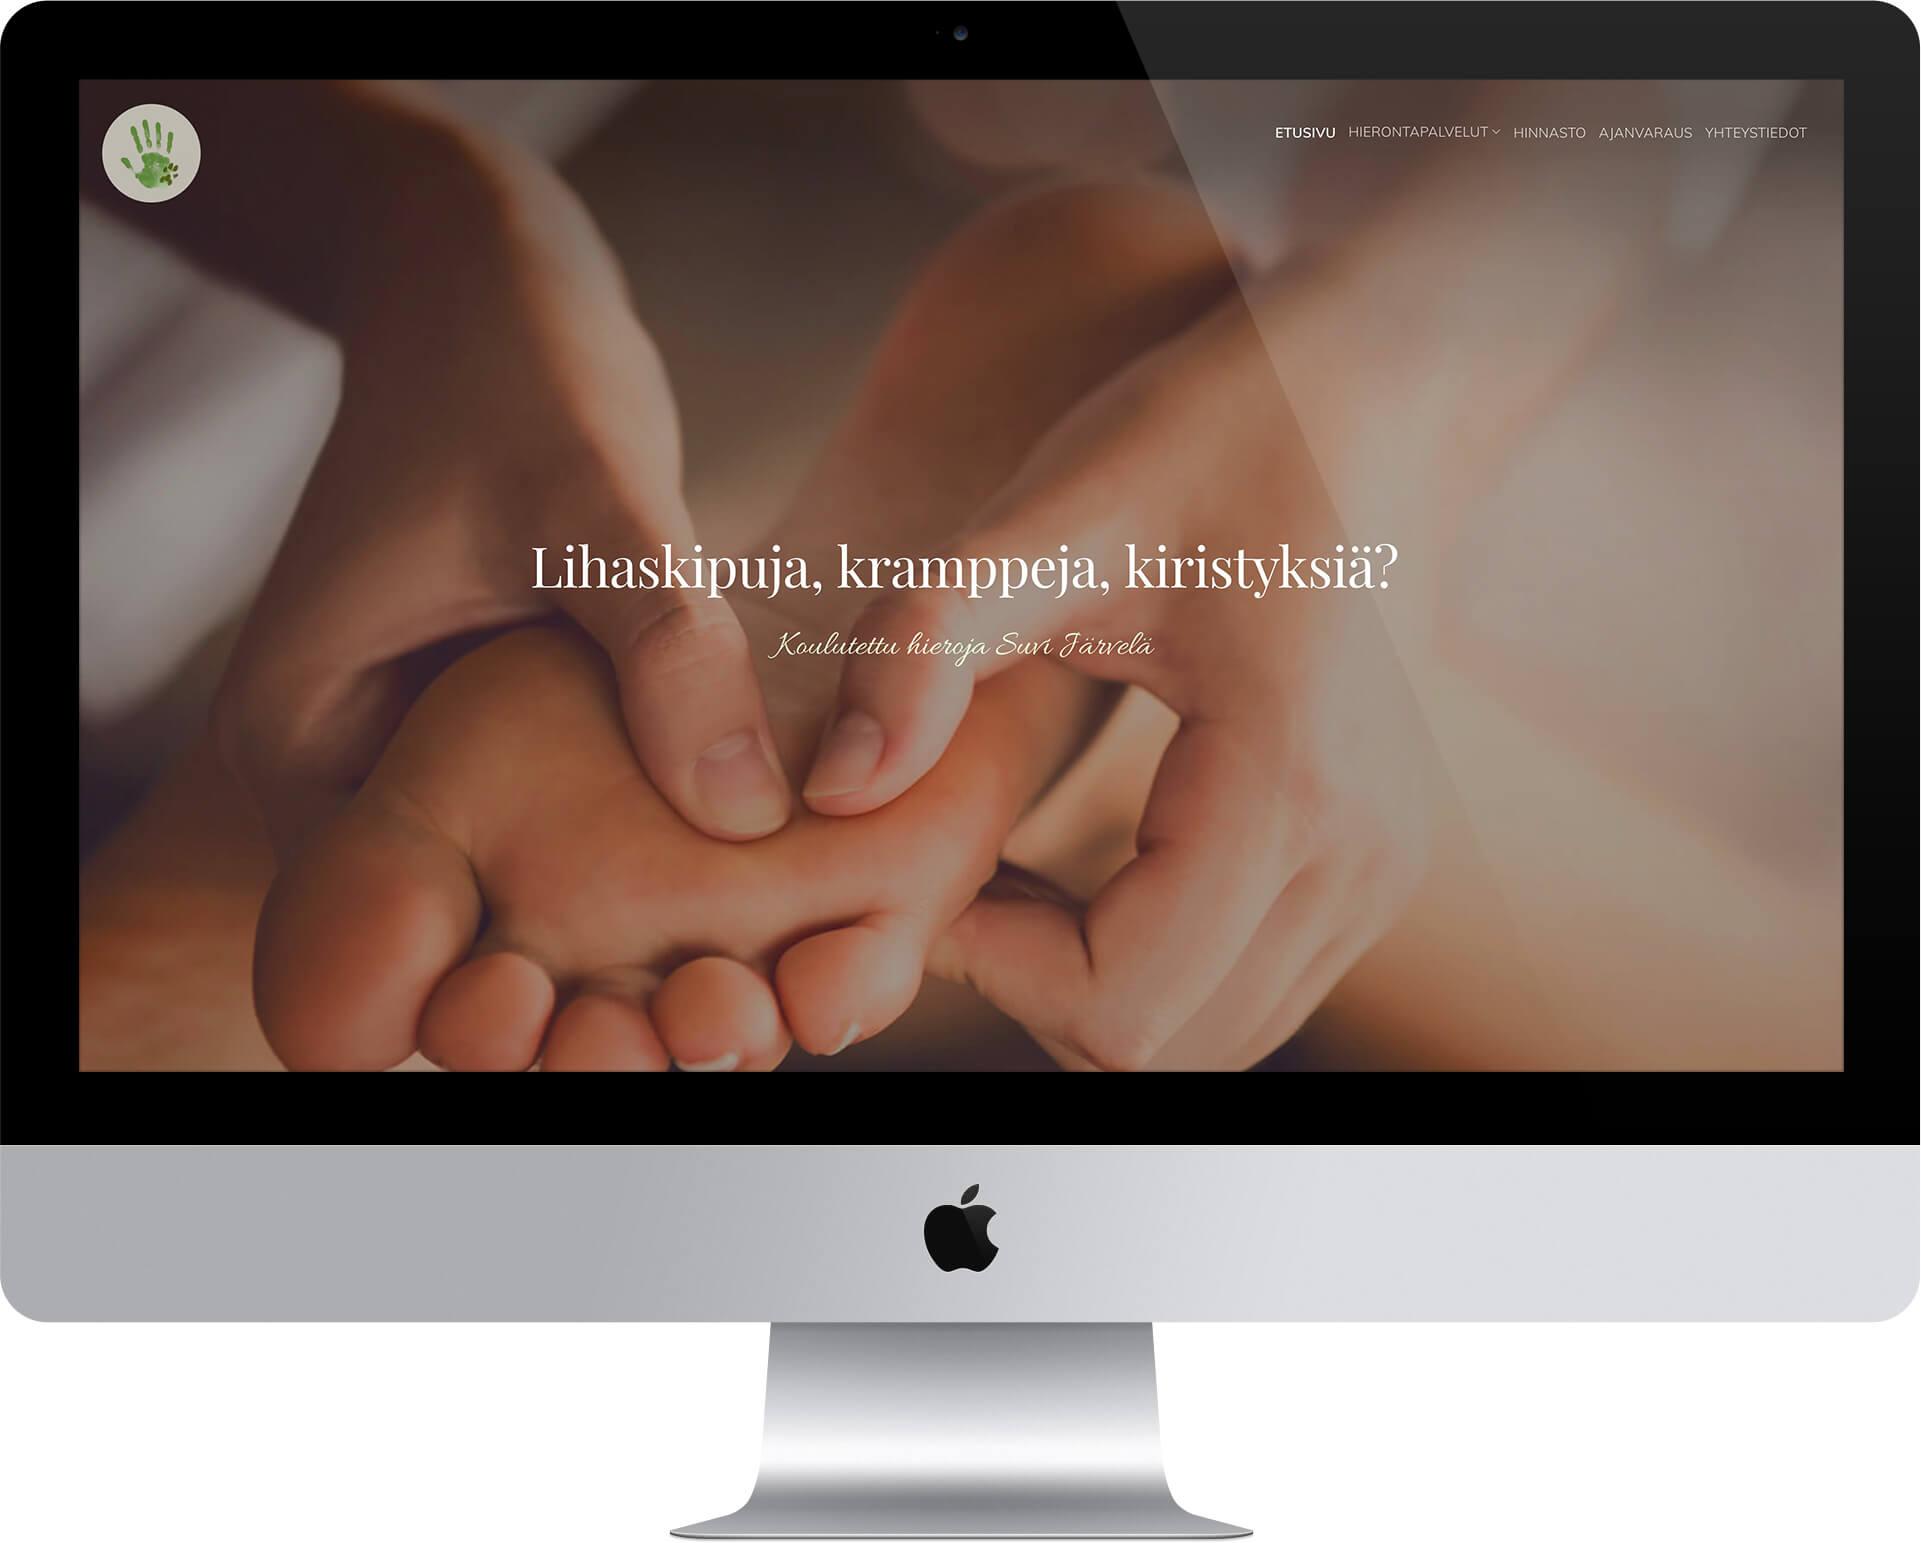 Hieroja Suvi Järvelä